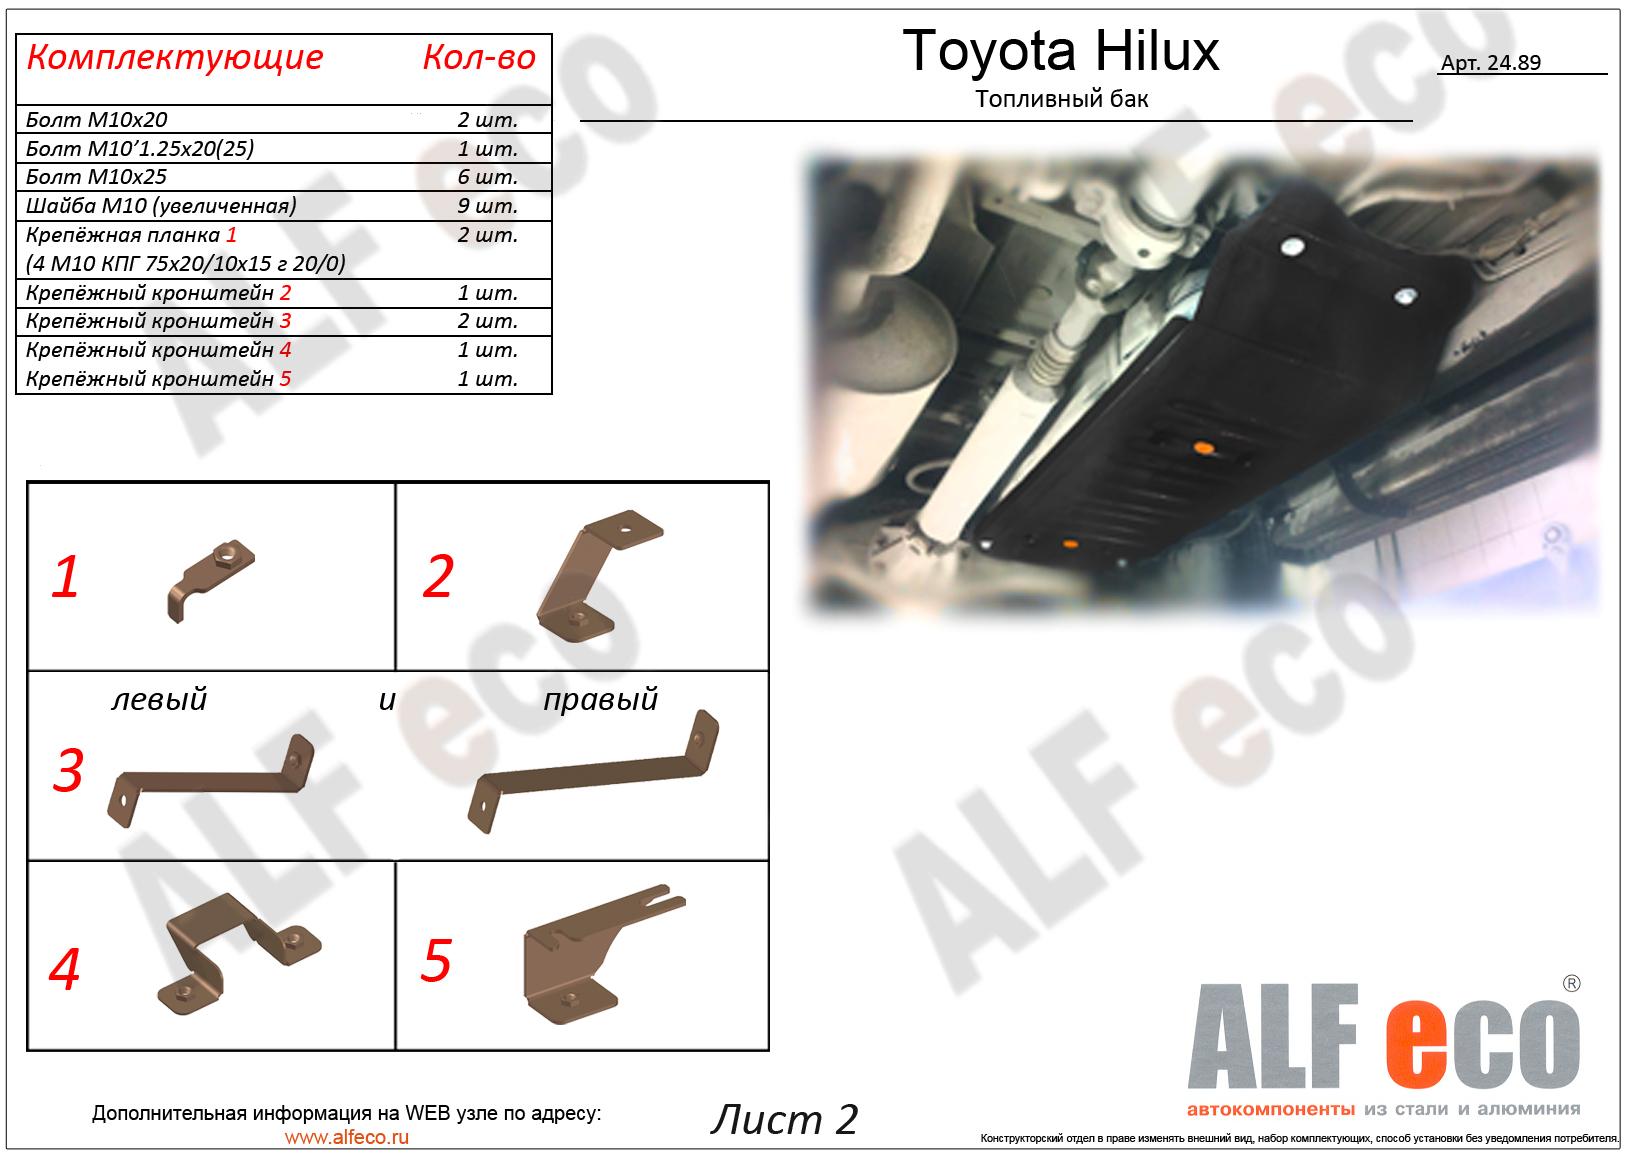 Toyota Hilux объем бака